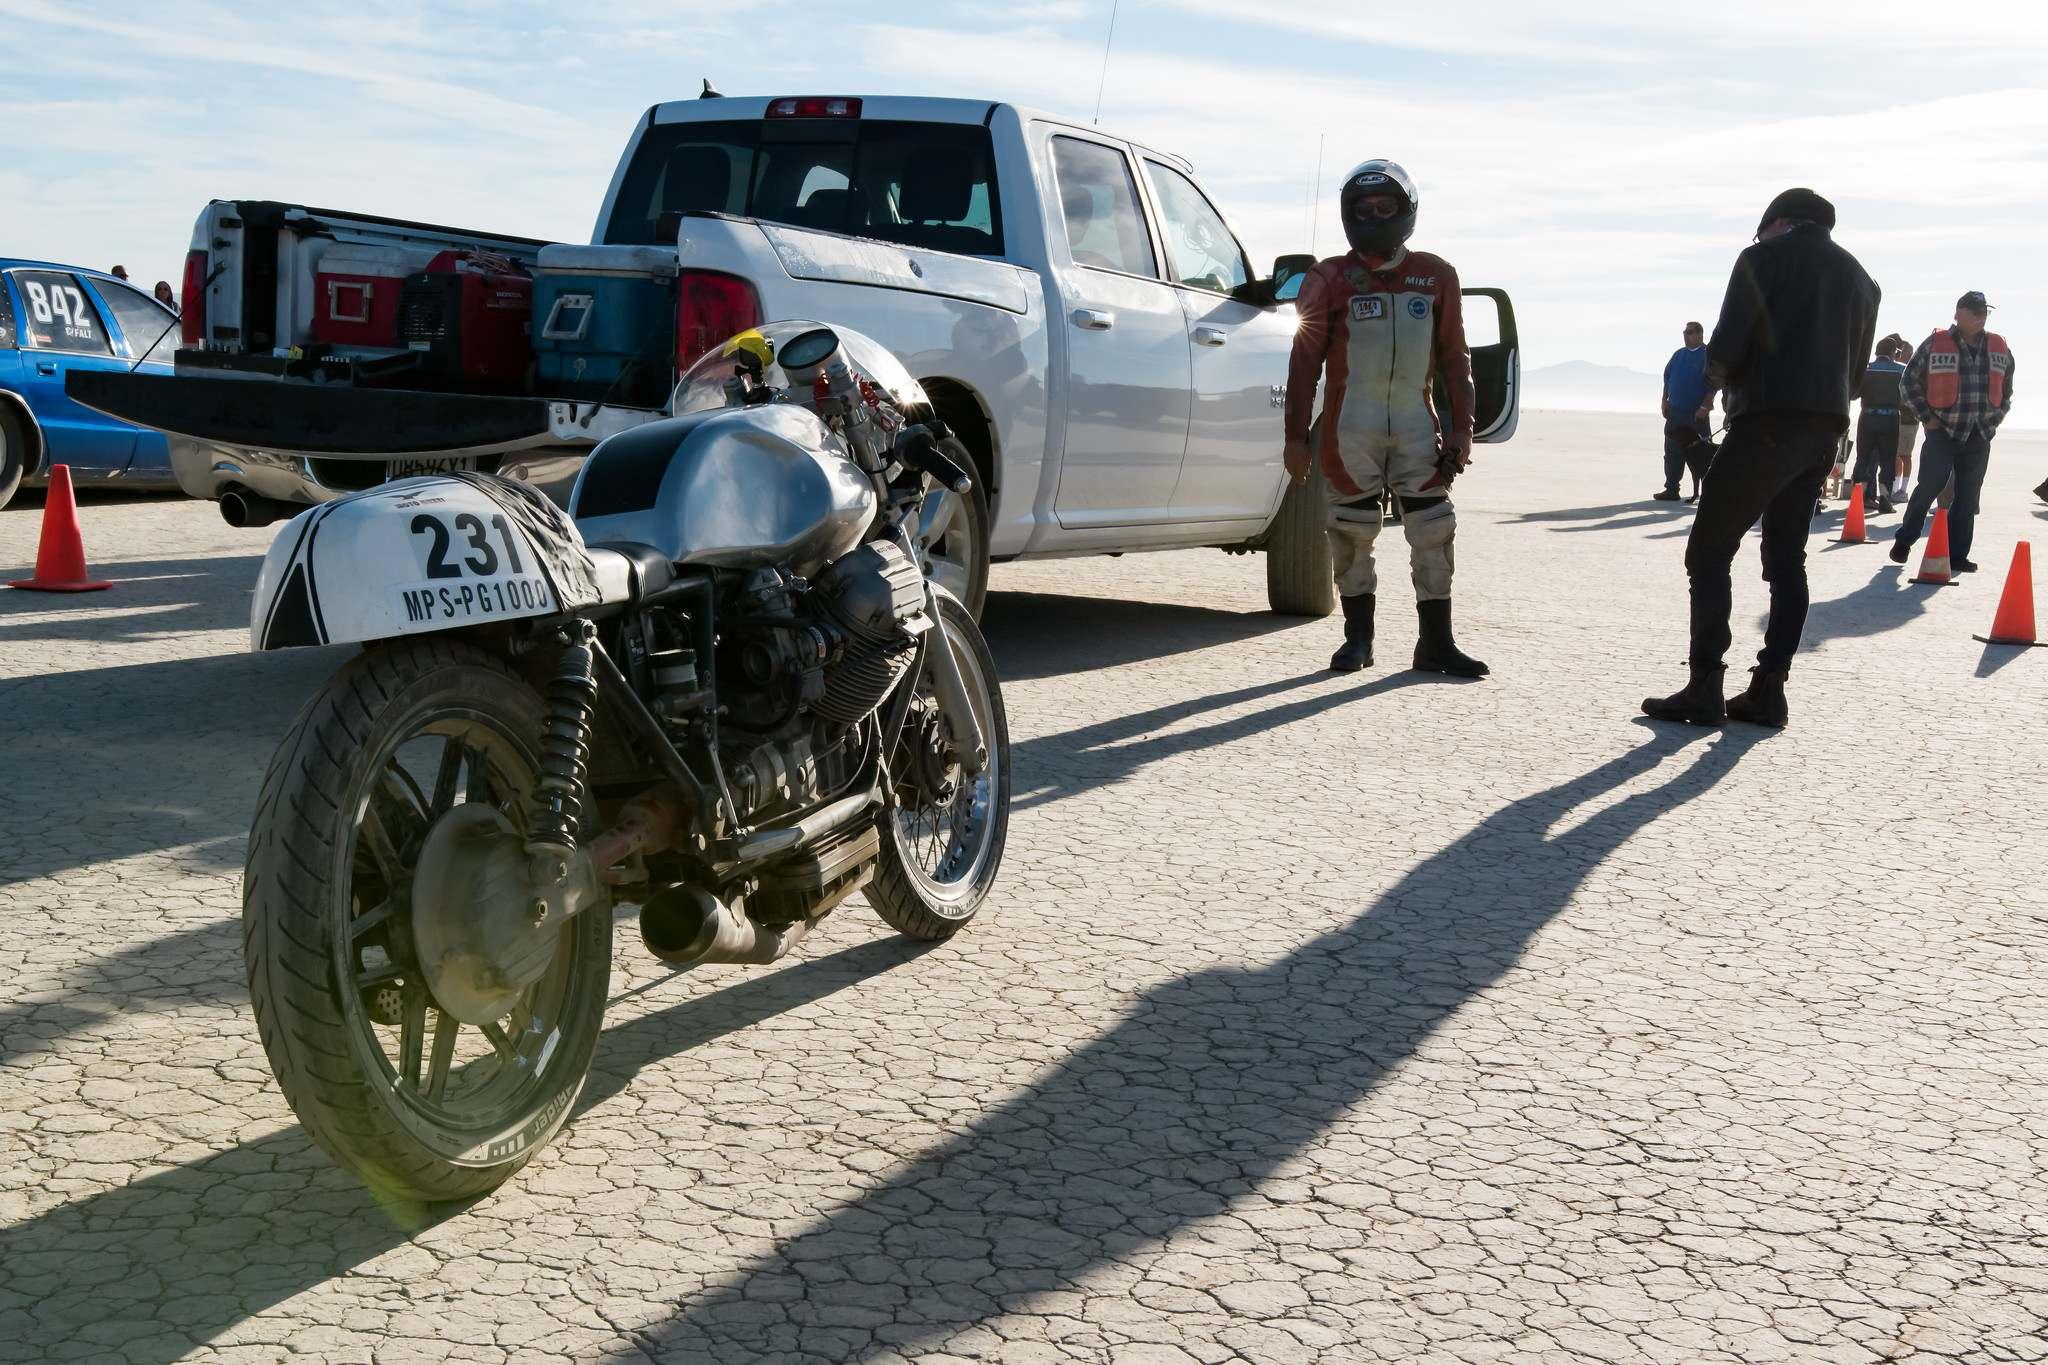 land speed racing14 Speed Racing at El Mirage Dry Lake